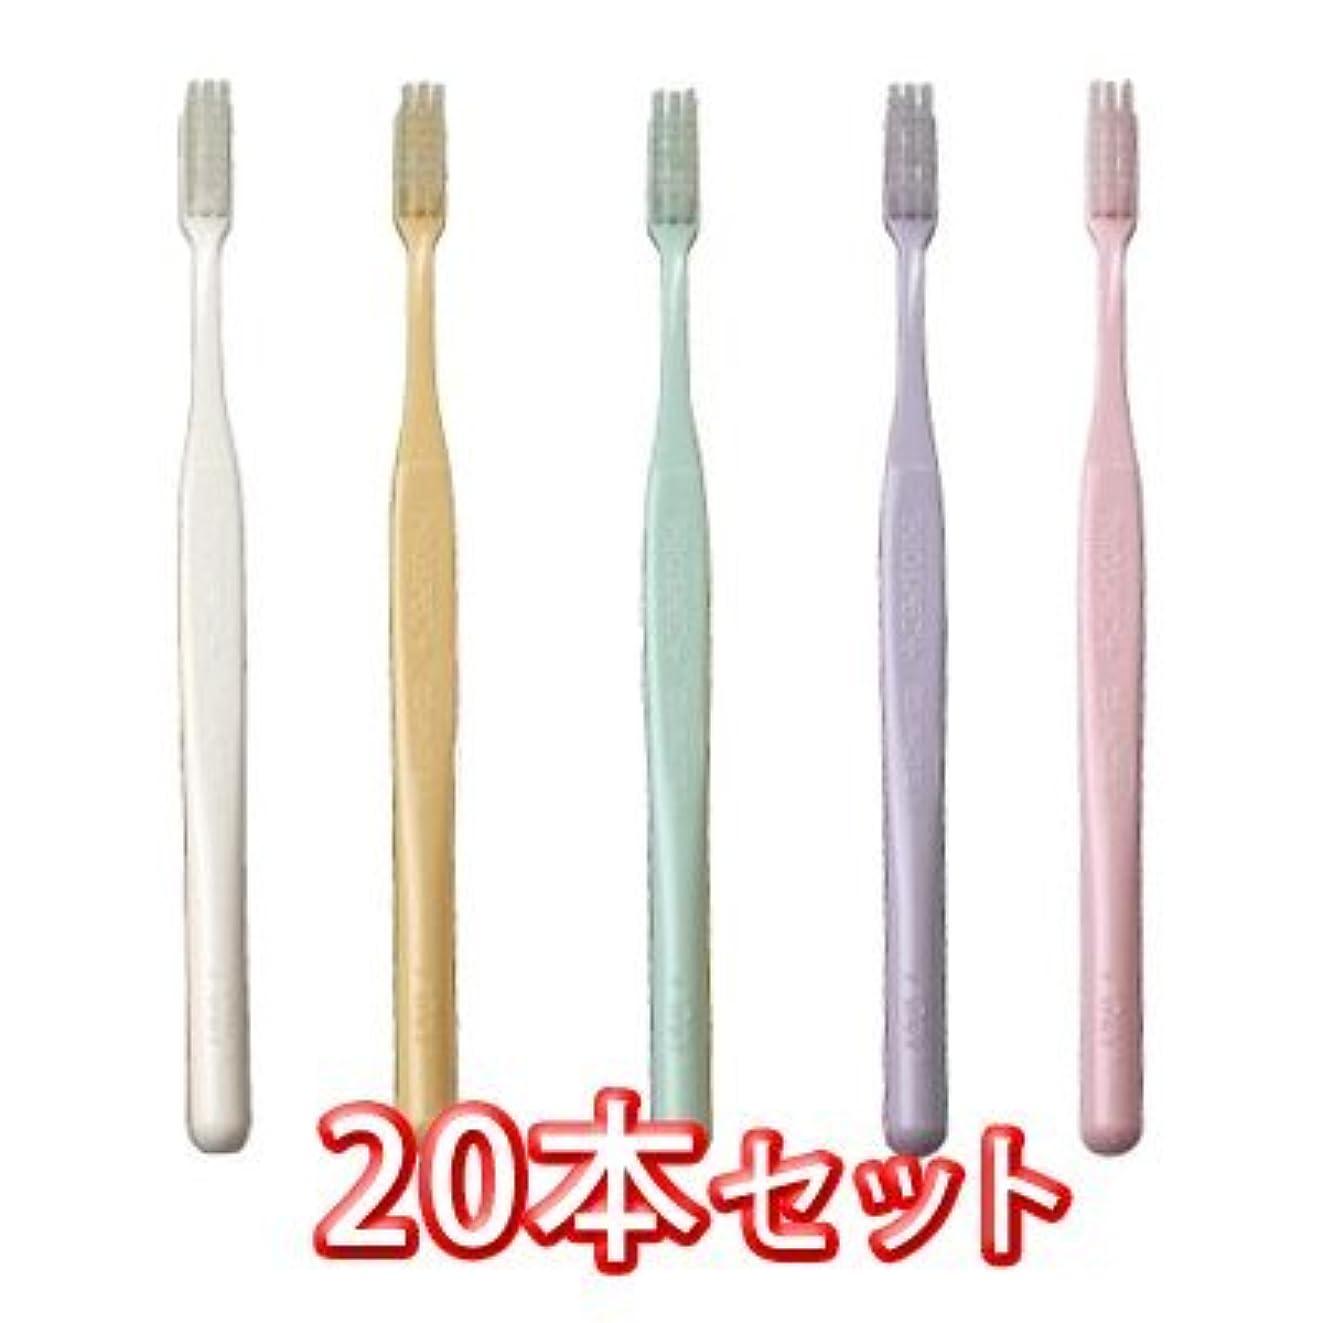 スクラッチエラースペードプロスペック 歯ブラシ プラス コンパクトスリム 20本入 ふつう色 M ふつう